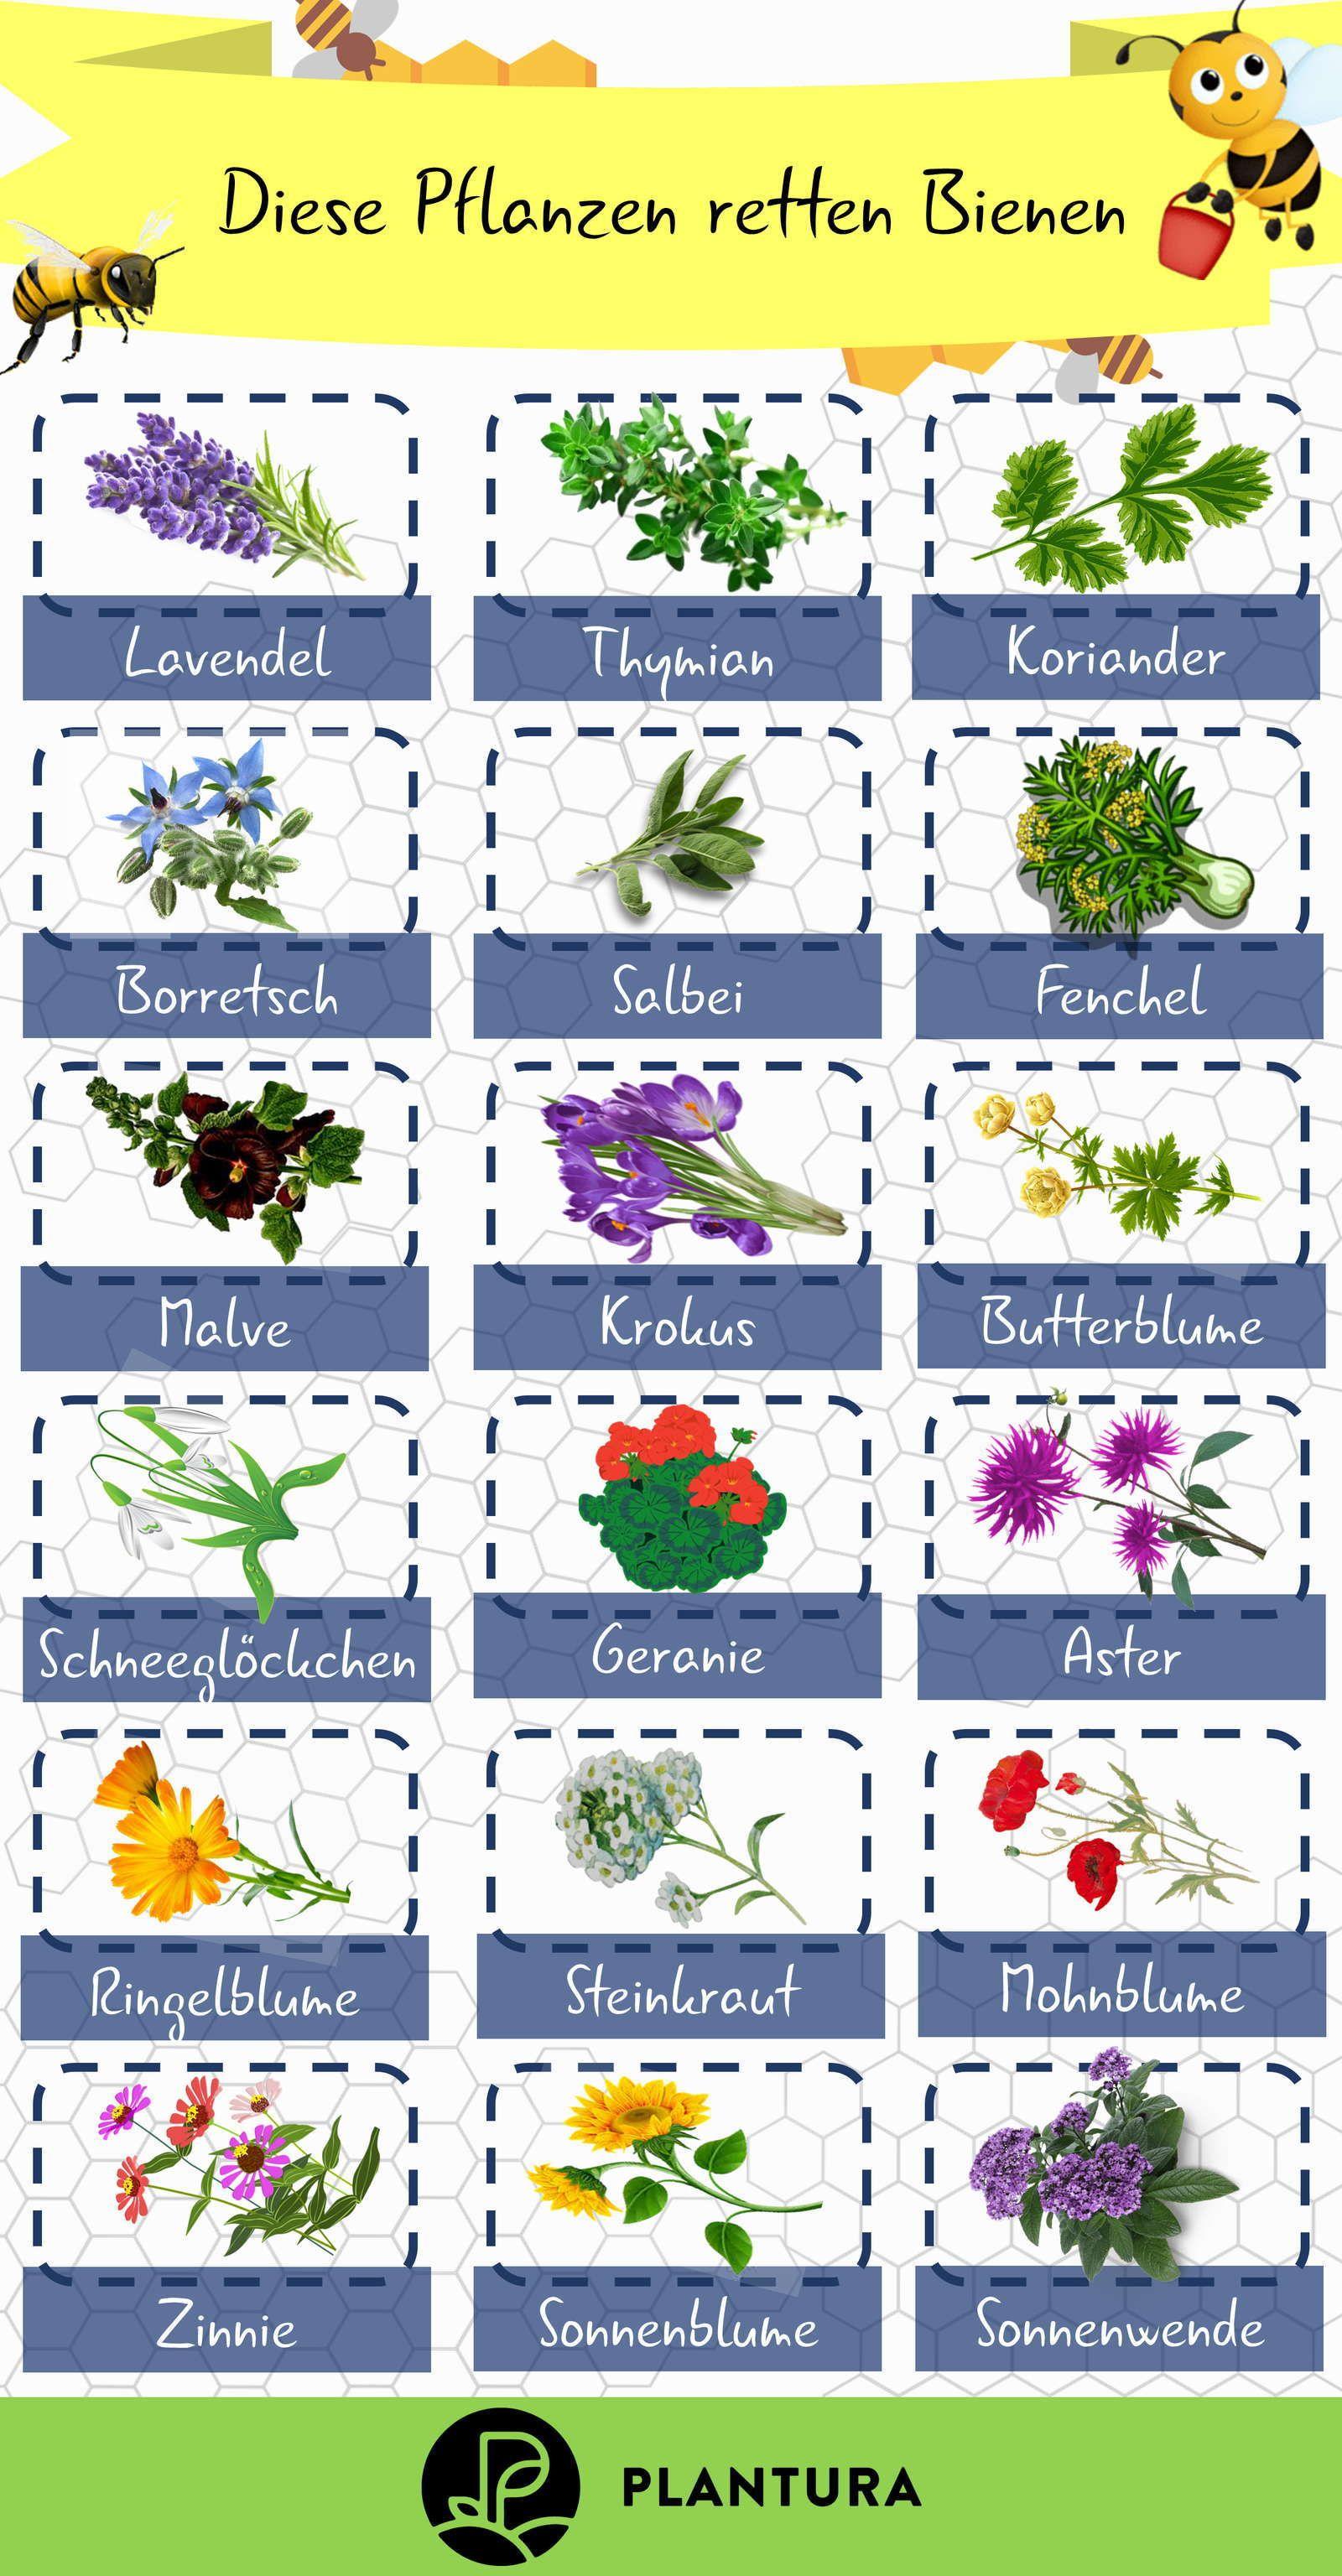 Bienenfreundliche Pflanzen Top 10 Plantura Bienenfreundliche Pflanzen Pflanzen Bienenfreundlicher Garten